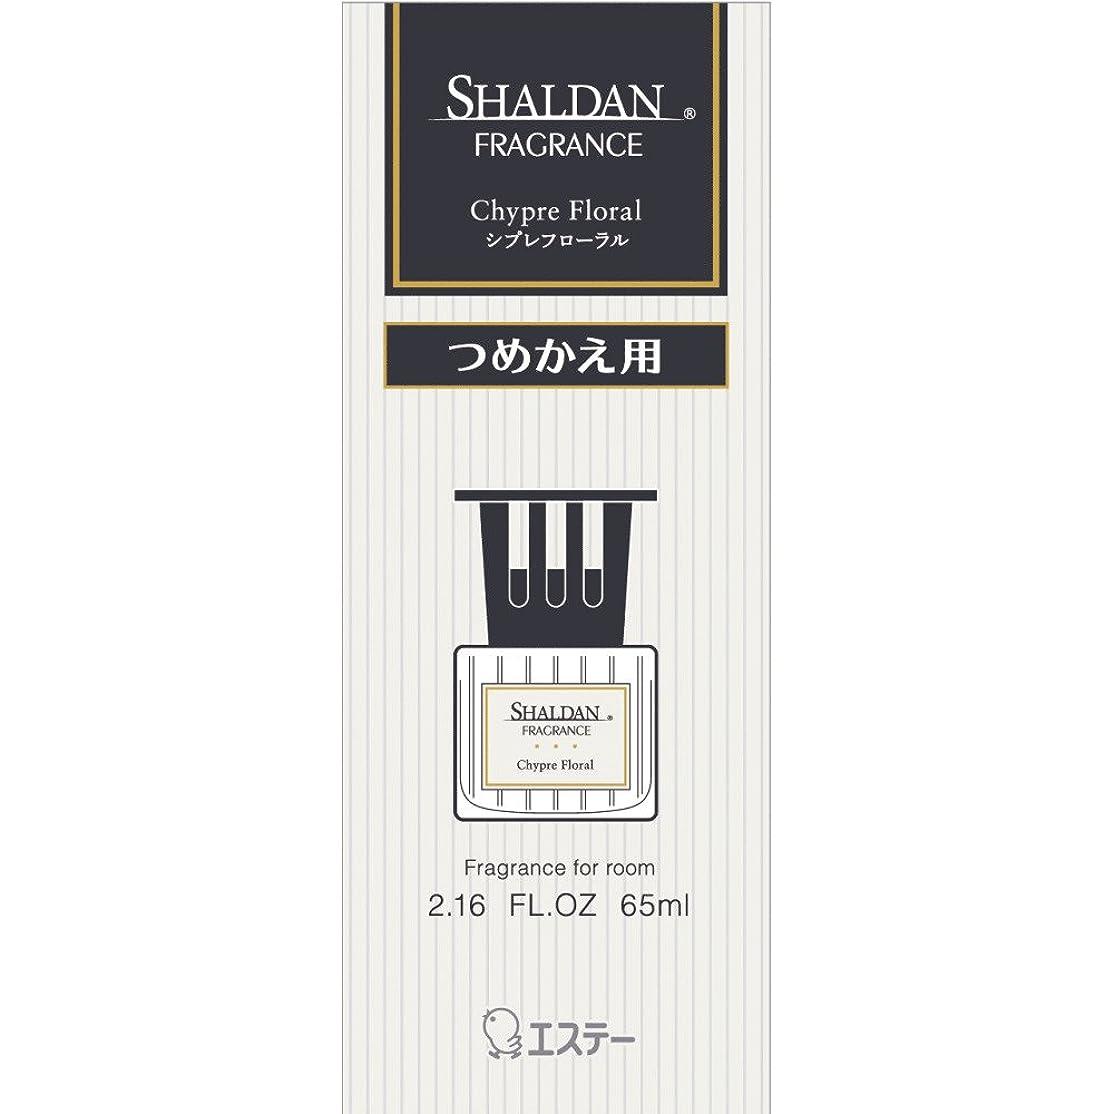 開いた合唱団グラフシャルダン SHALDAN フレグランス 消臭芳香剤 部屋用 つめかえ シプレフローラル 65ml